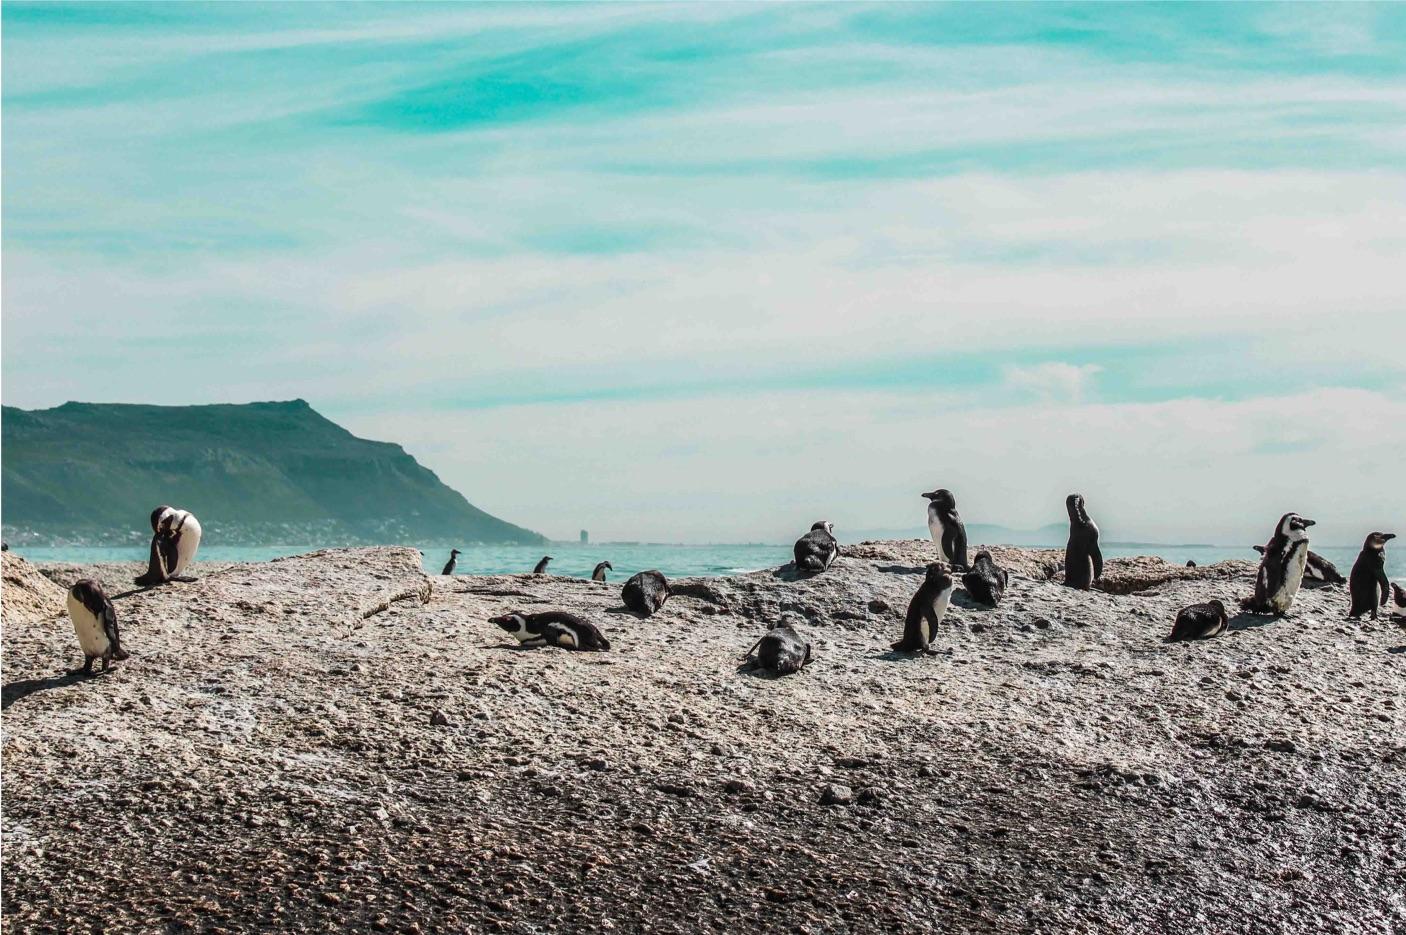 2022年 2/23 南非豪華9日遊 豪特灣Hout Bay & 海豹島Seal Island—查普曼大道Chapman Street &  企鵝灘African Penguin—好望角Cape of Good Hope